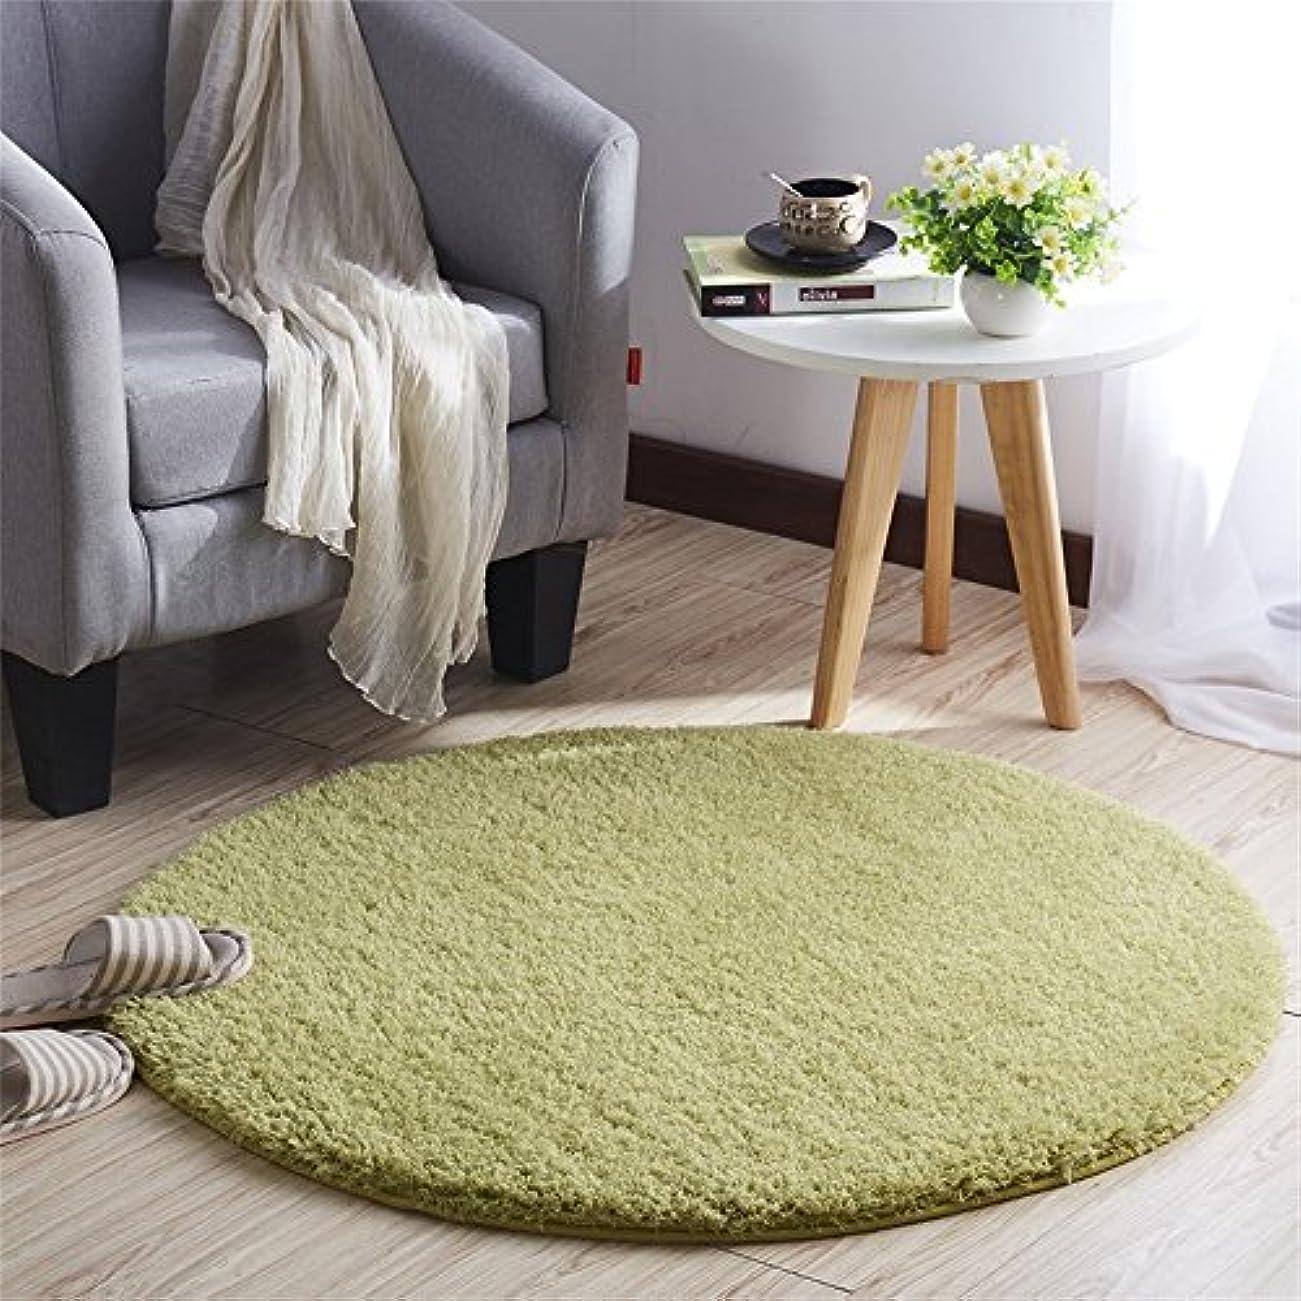 膜あなたが良くなりますブラウンCLAXAM 一瞬だけでとろけそう~!ラブリーシャギーラグ 丸い絨毯 極上の繊細さと柔らかさ、サラサラな質感で、あなたの欠かせない家飾りの味方 (80cm, グラスグリーン)